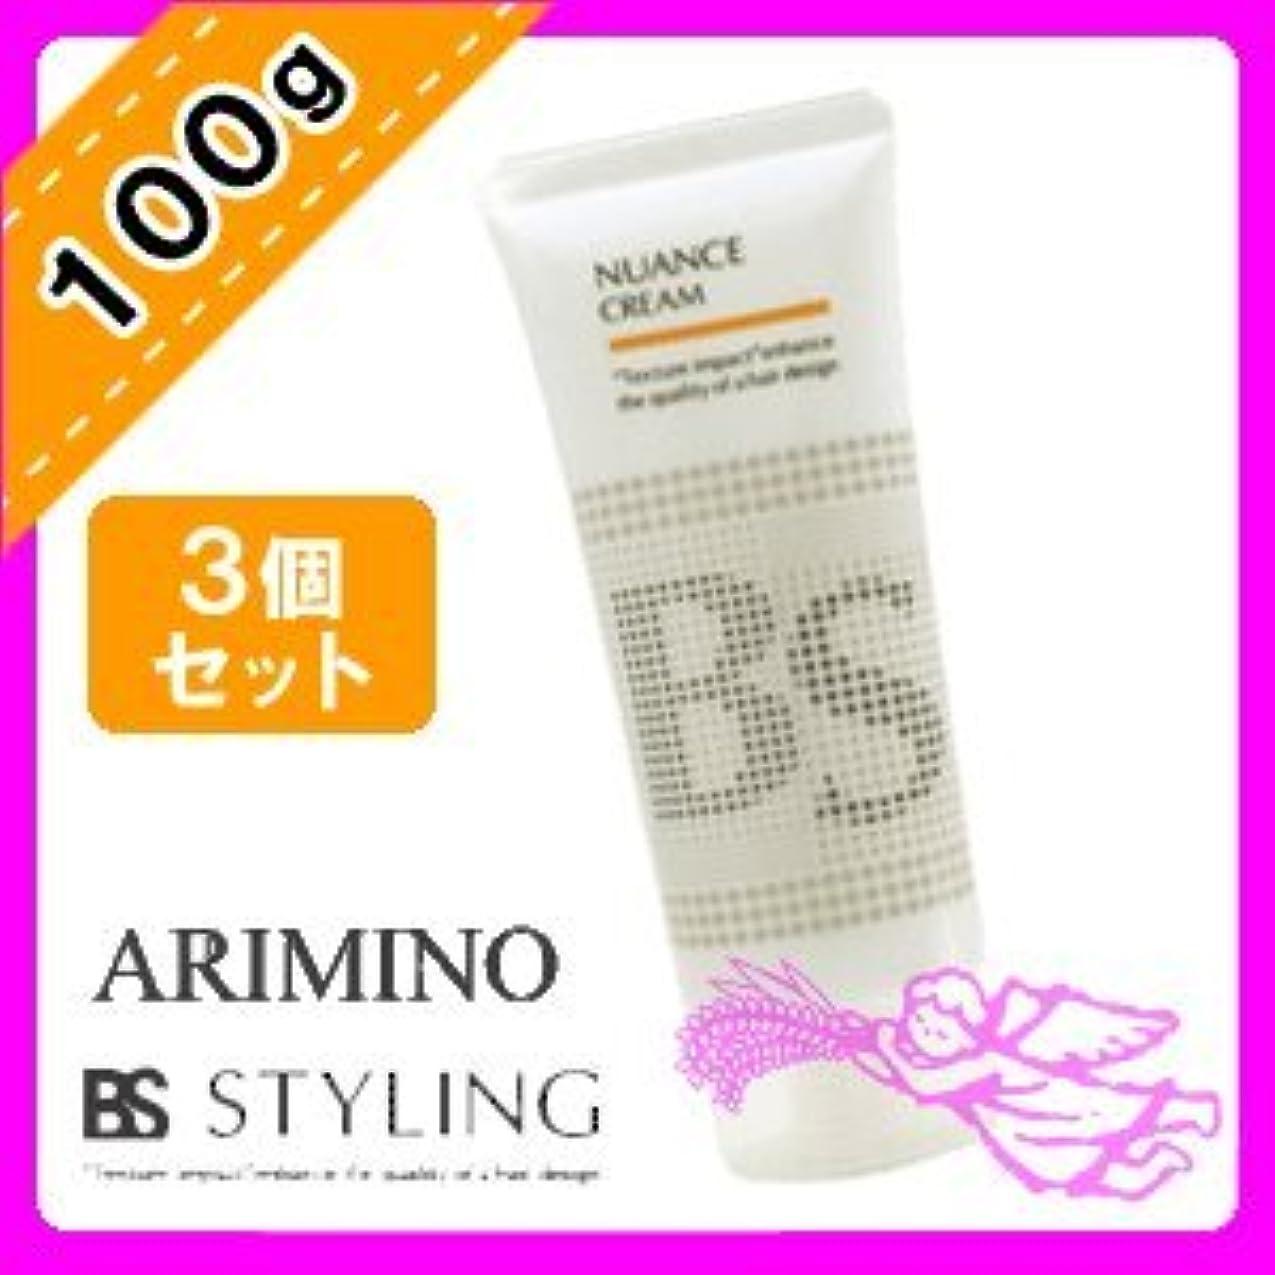 ラフ睡眠農奴合意アリミノ BSスタイリング ニュアンス クリーム 100g x 3個 セット arimino BS STYLING